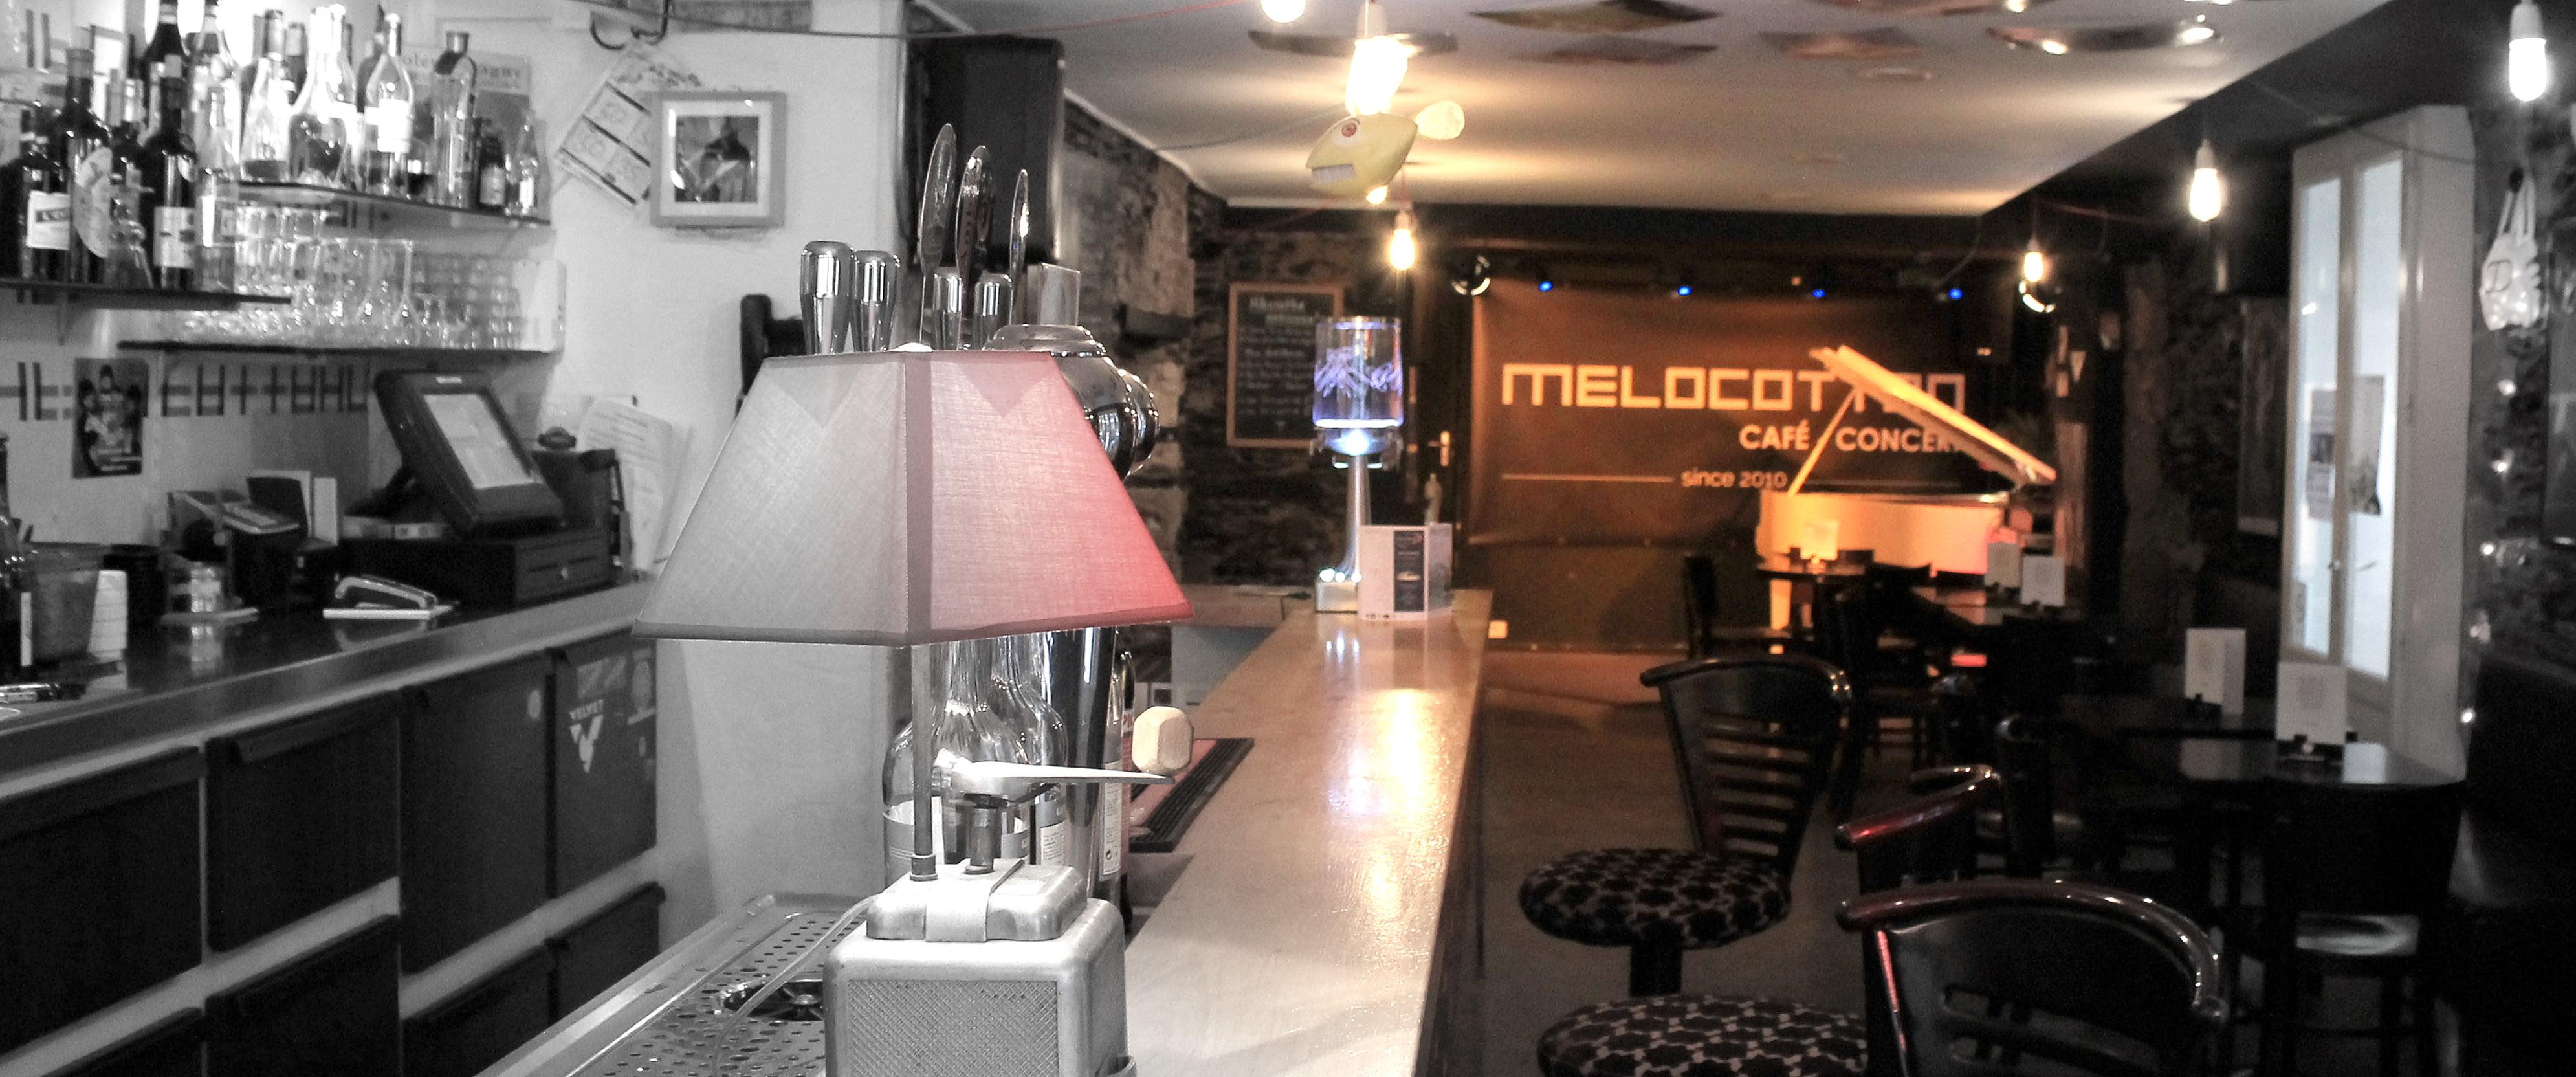 Melocotton Café-Concert | Courtesty of Romain Venisse